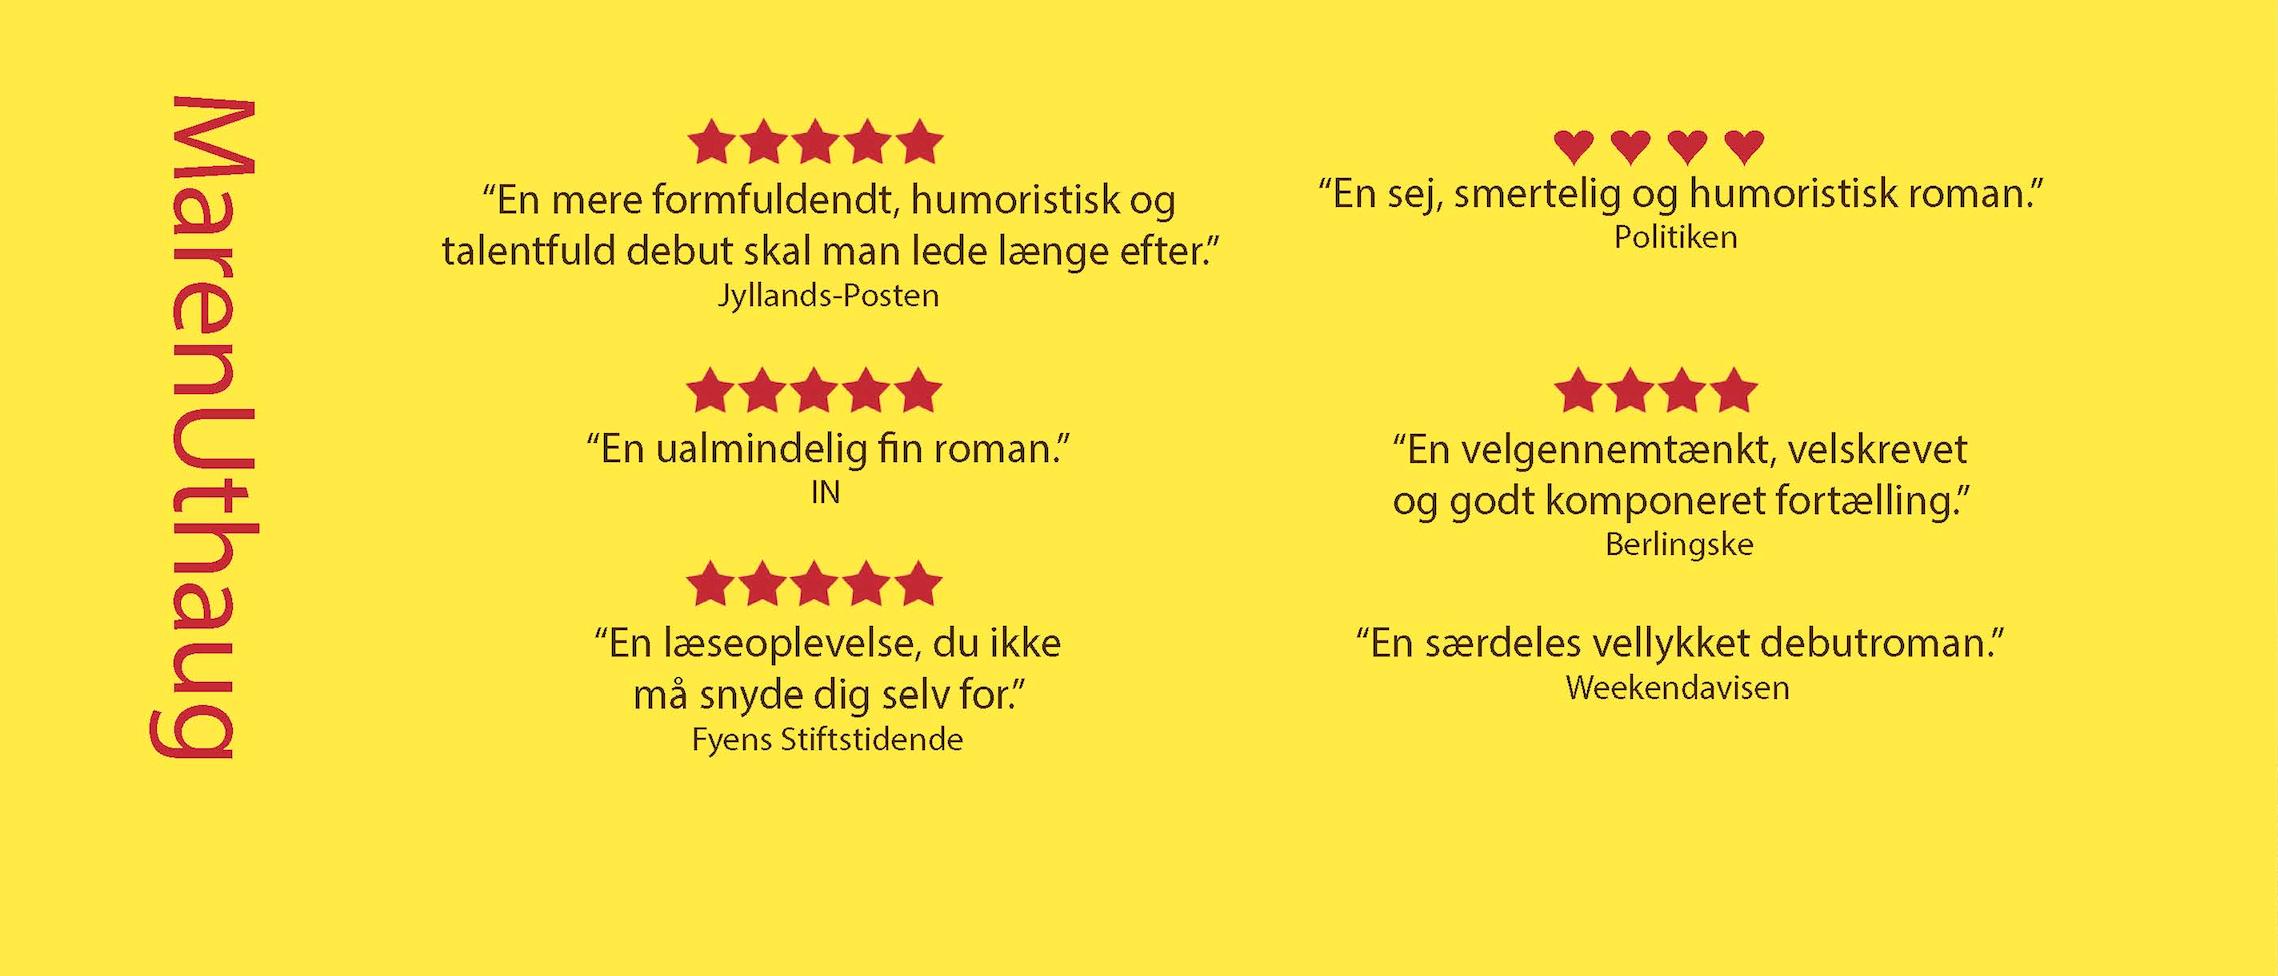 carbon dating bedste danske romaner